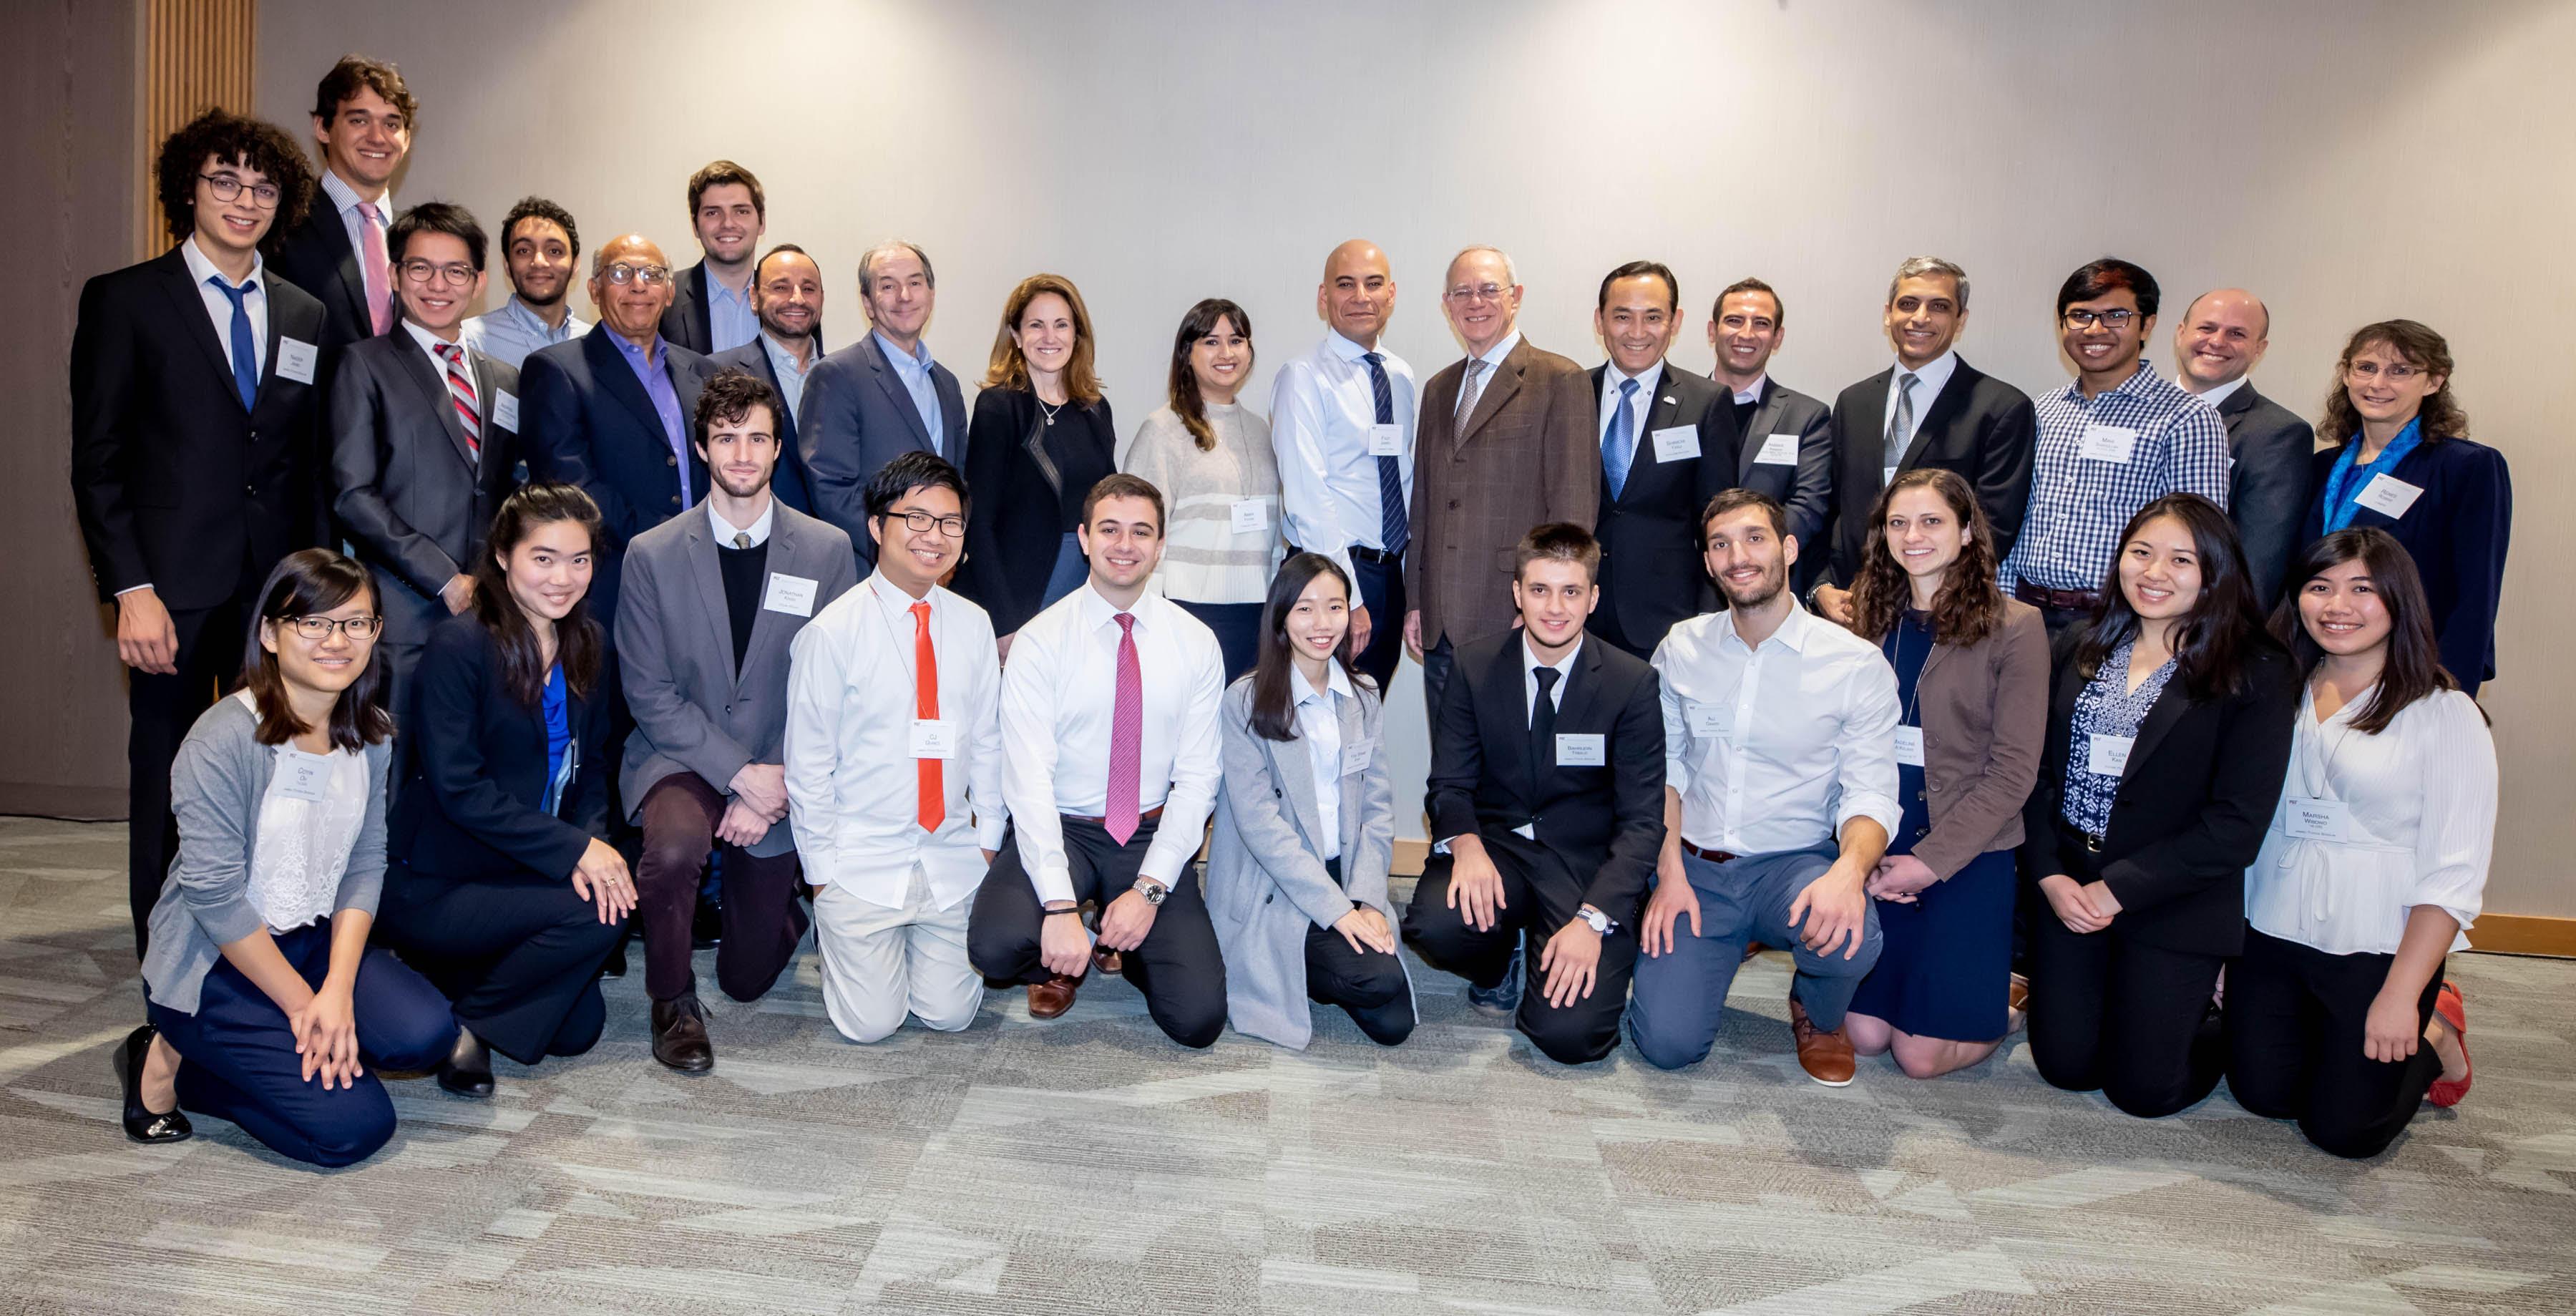 بمناسبة الذكرى الـ 25 أكثر من 180 طالباً من 28 بلداً حول العالم أكملوا دراساتهم الجامعية عبر منحة جميل-تويوتا في MIT وإطلاق شبكة جديدة لهم